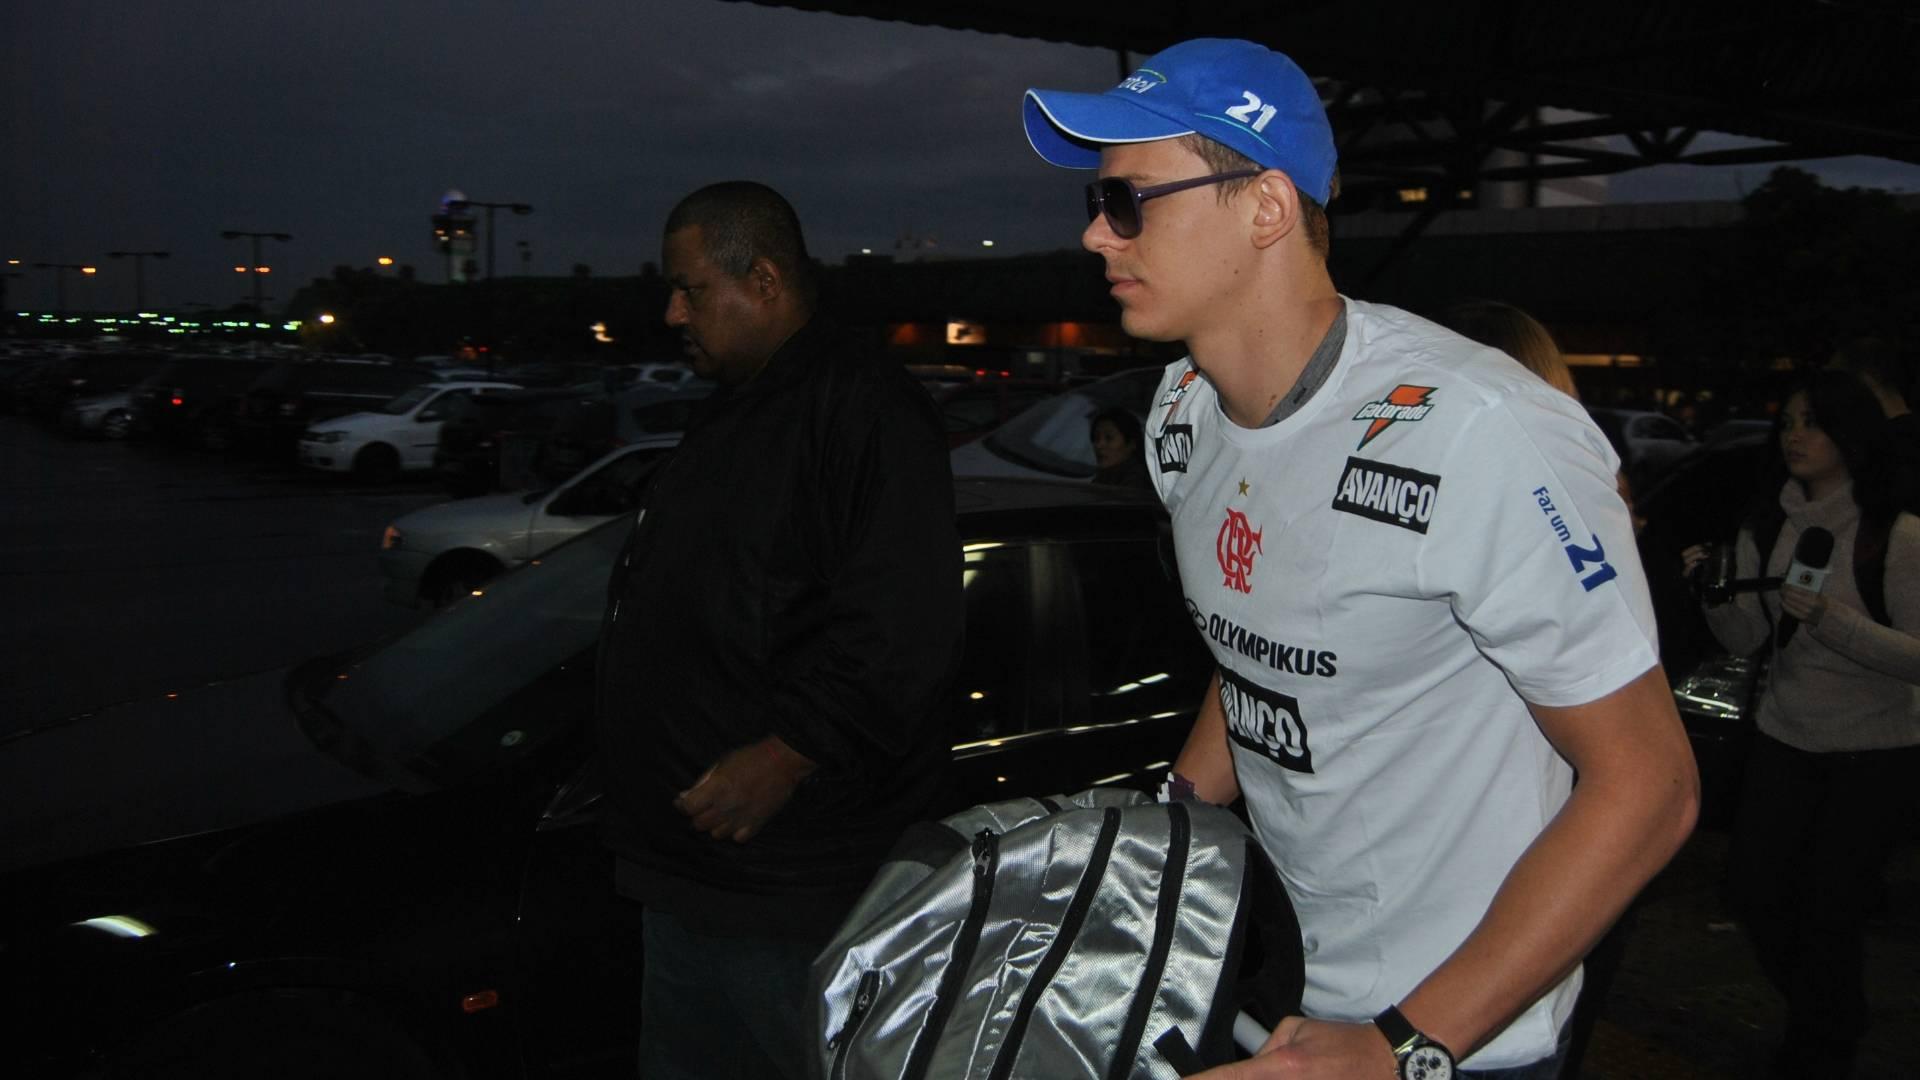 Cesar Cielo é acompanhado por seguranças no aeroporto de Guarulhos em desembarque após Mundial de Xangai (03/08/2011)